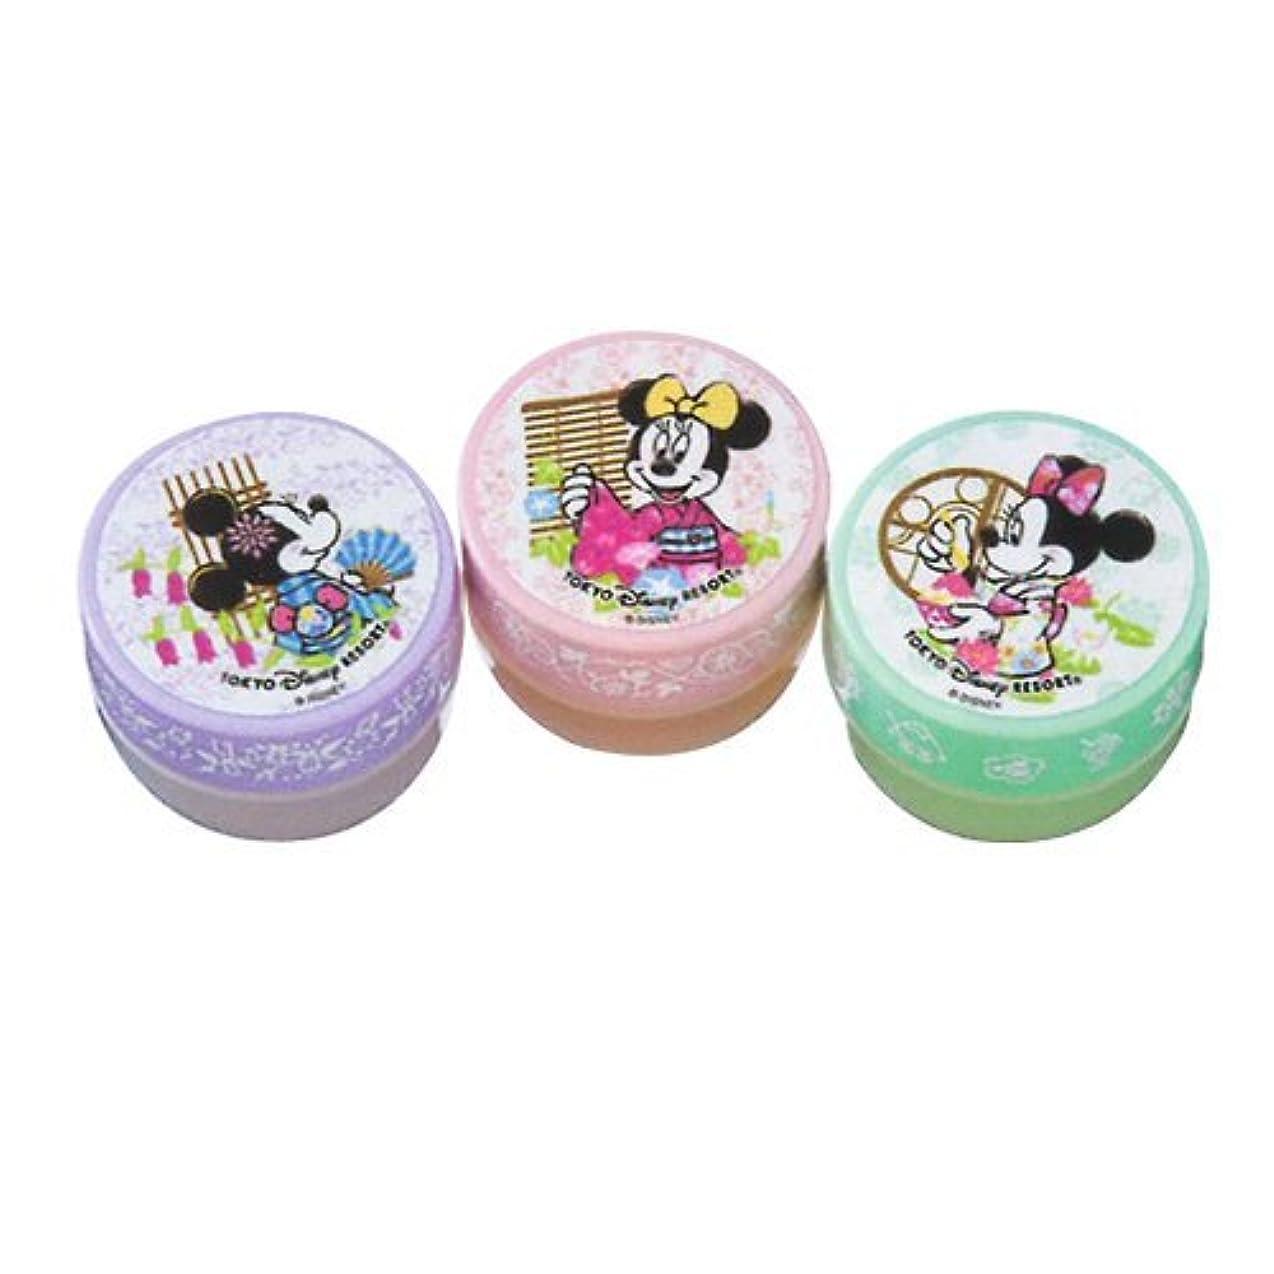 ロースト平らにするパークミニーマウス ハンドクリームセット 浴衣柄 【東京ディズニーリゾート限定】